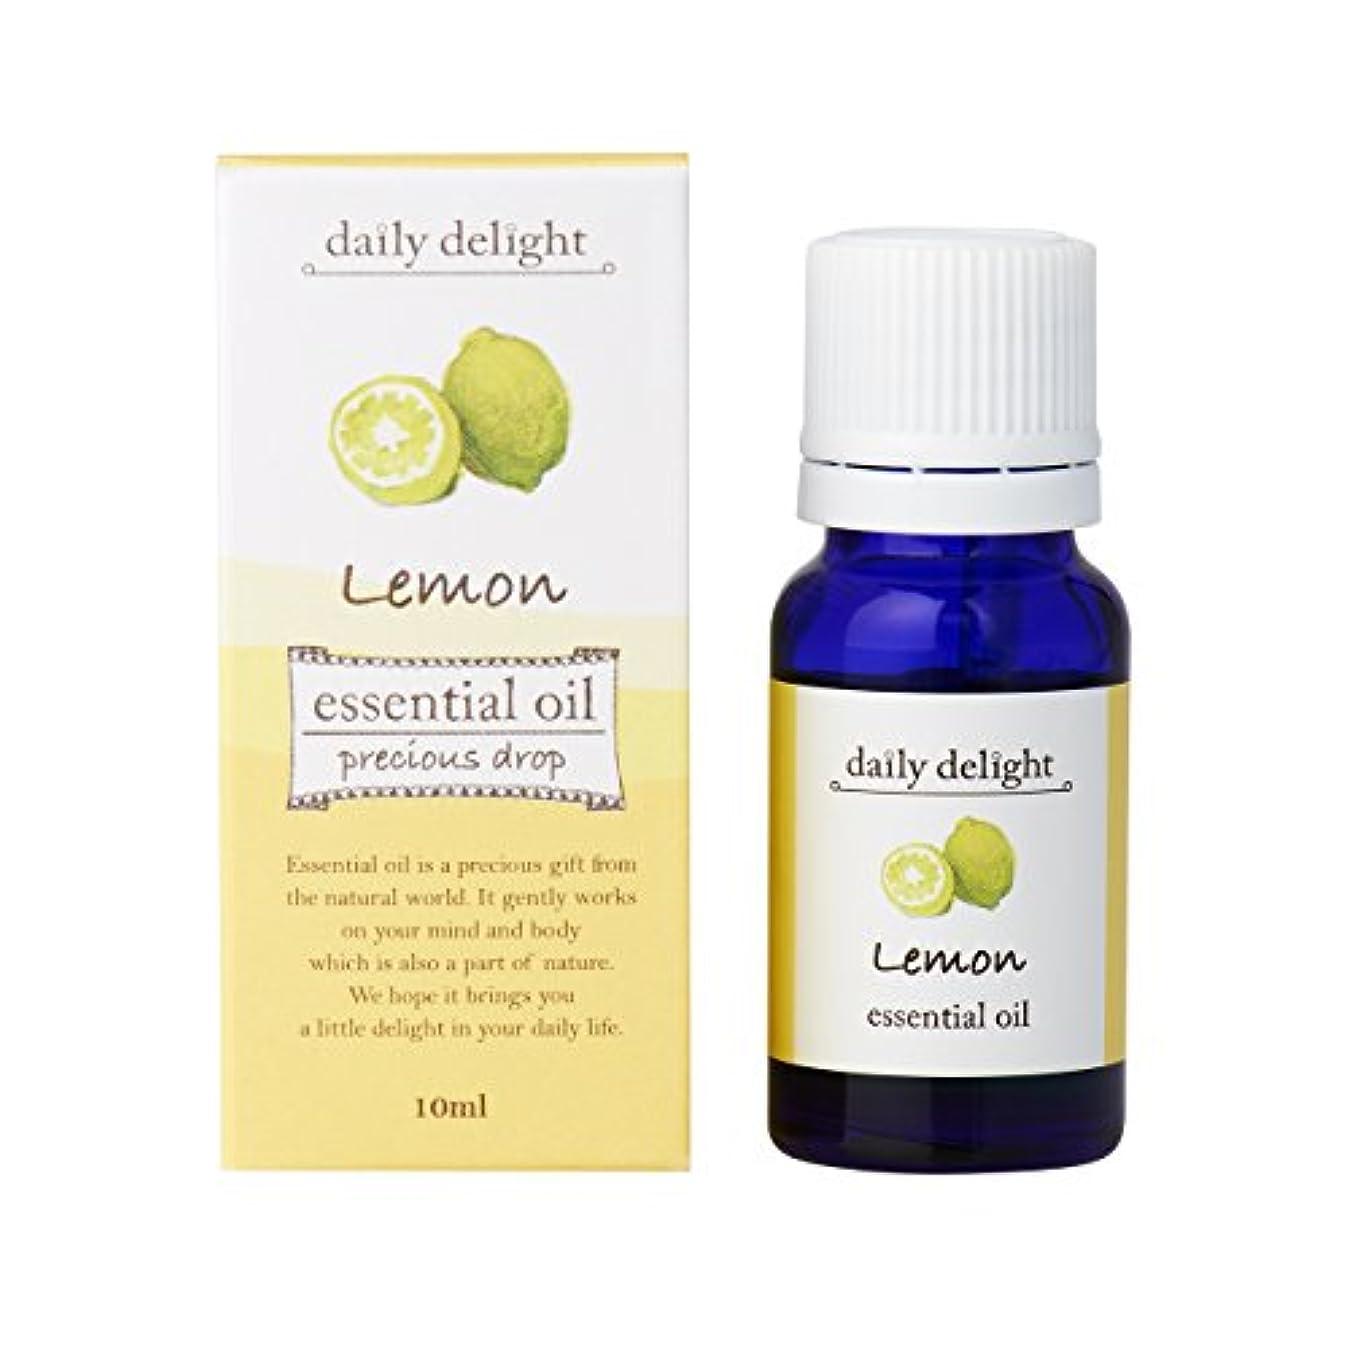 見る人コードレスのスコアデイリーディライト エッセンシャルオイル  レモン 10ml(天然100% 精油 アロマ 柑橘系 さっぱりして気分転換におすすめの香り)